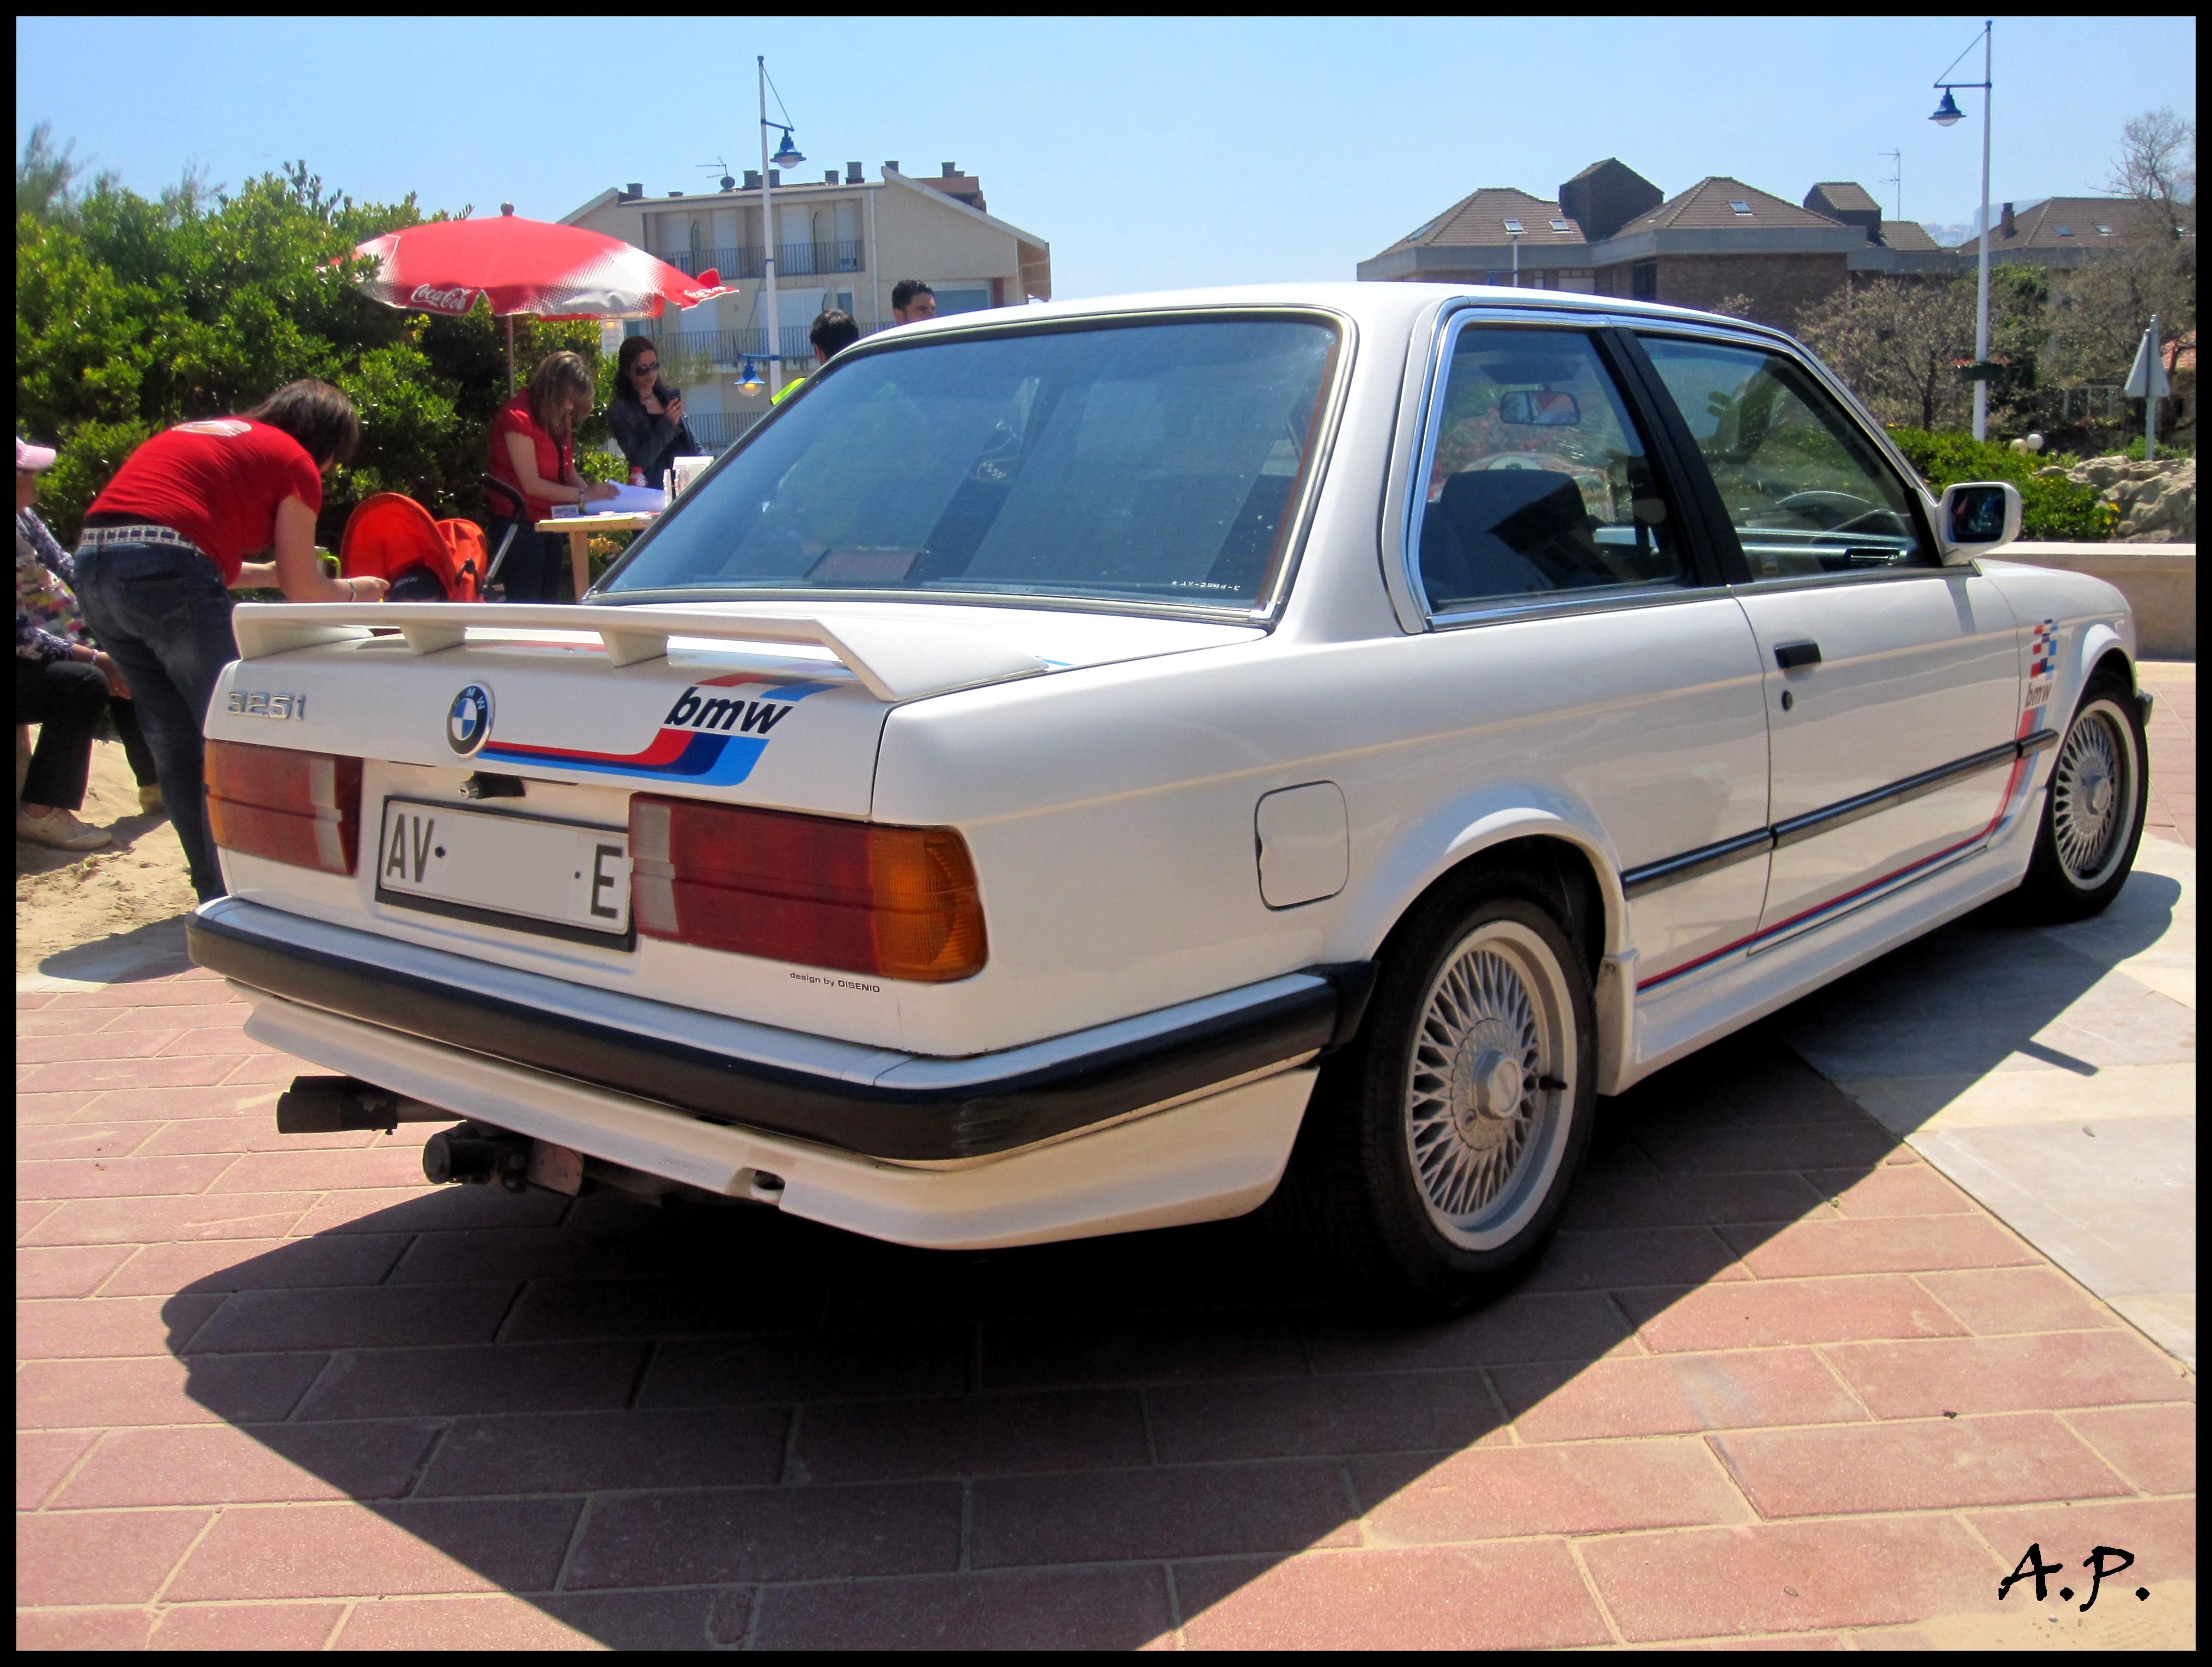 File BMW I E Jpg Wikimedia Commons - Bmw 1989 e30